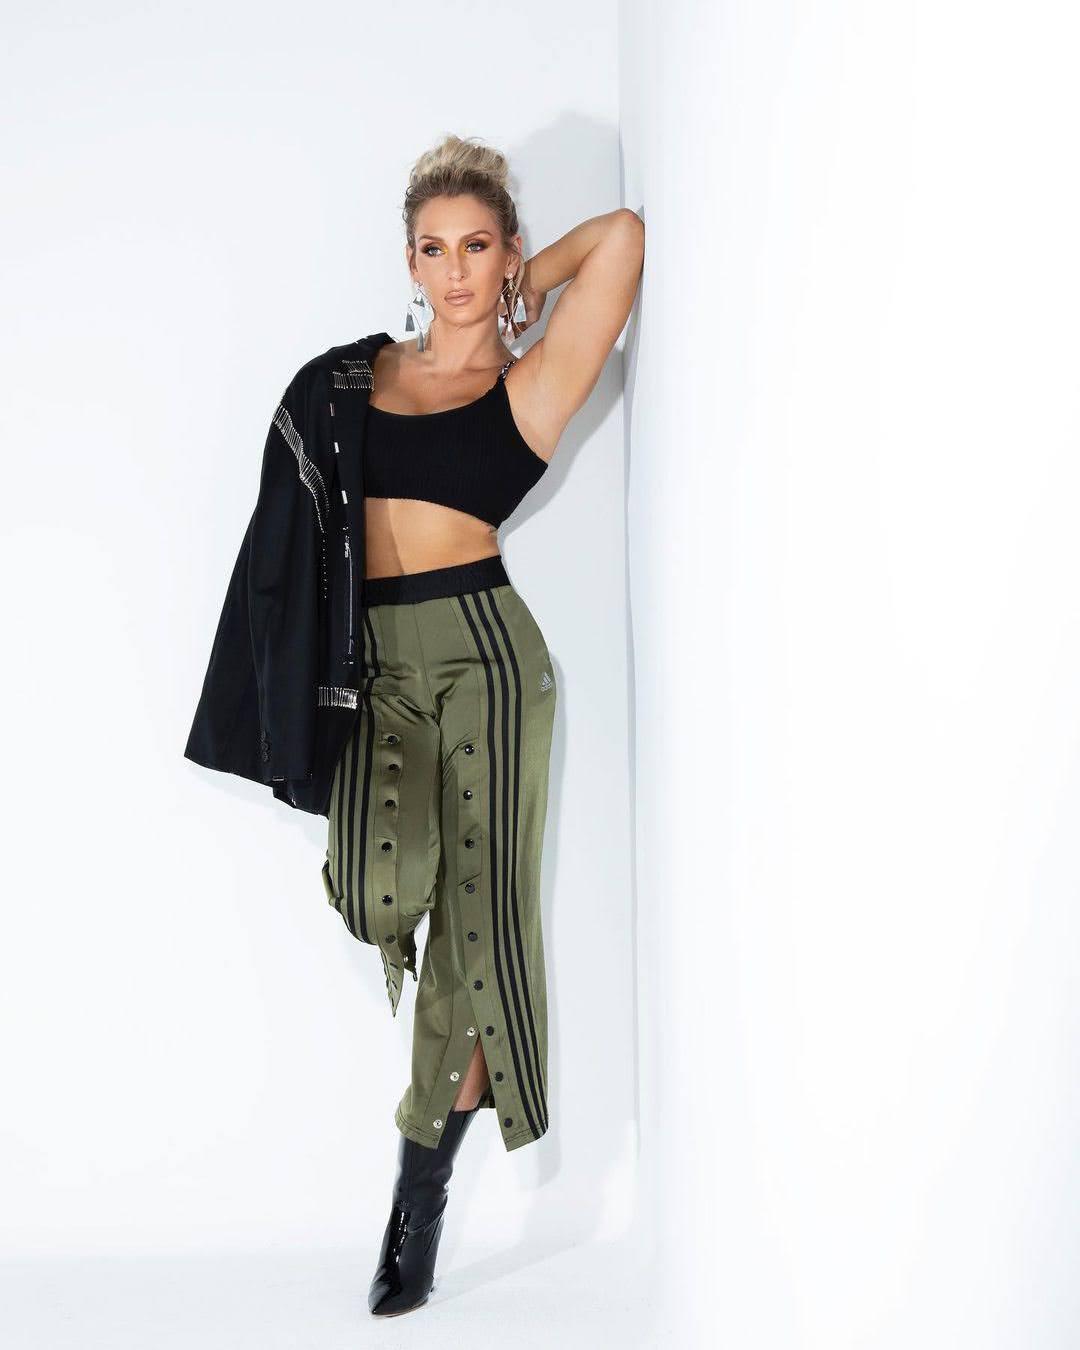 Ashley Fliehr 8